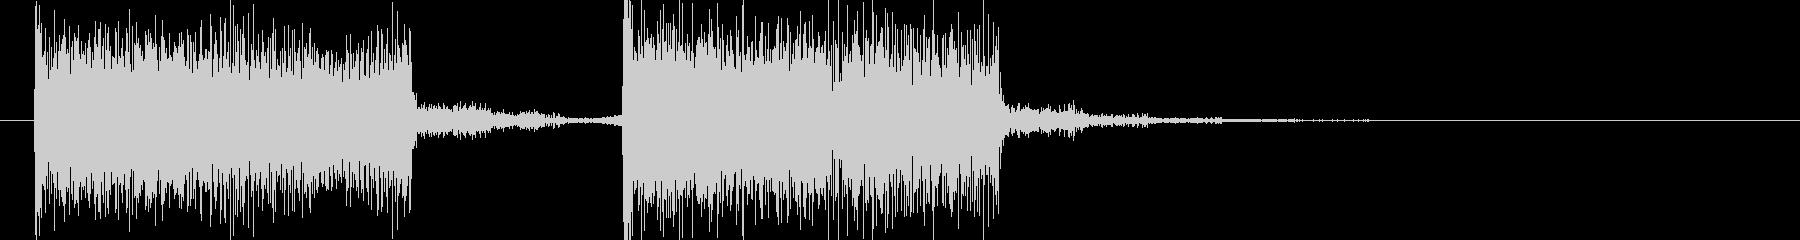 結果発表や次のステップに進む時の音の未再生の波形